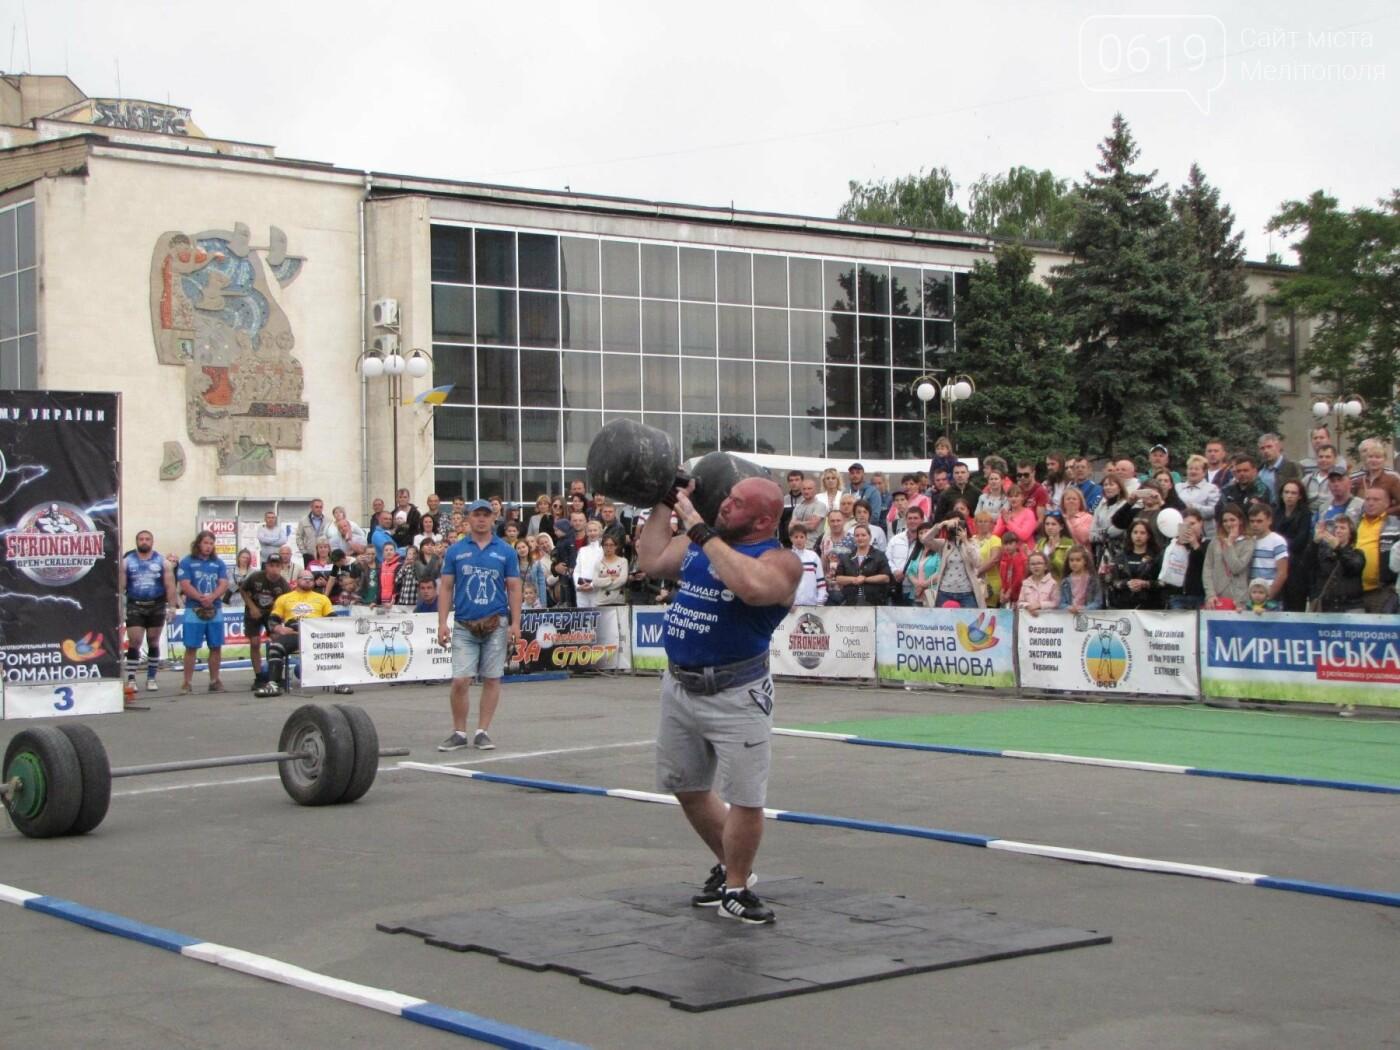 Три победы за неделю: мелитопольский богатырь выиграл второй этап международного чемпионата, фото-29